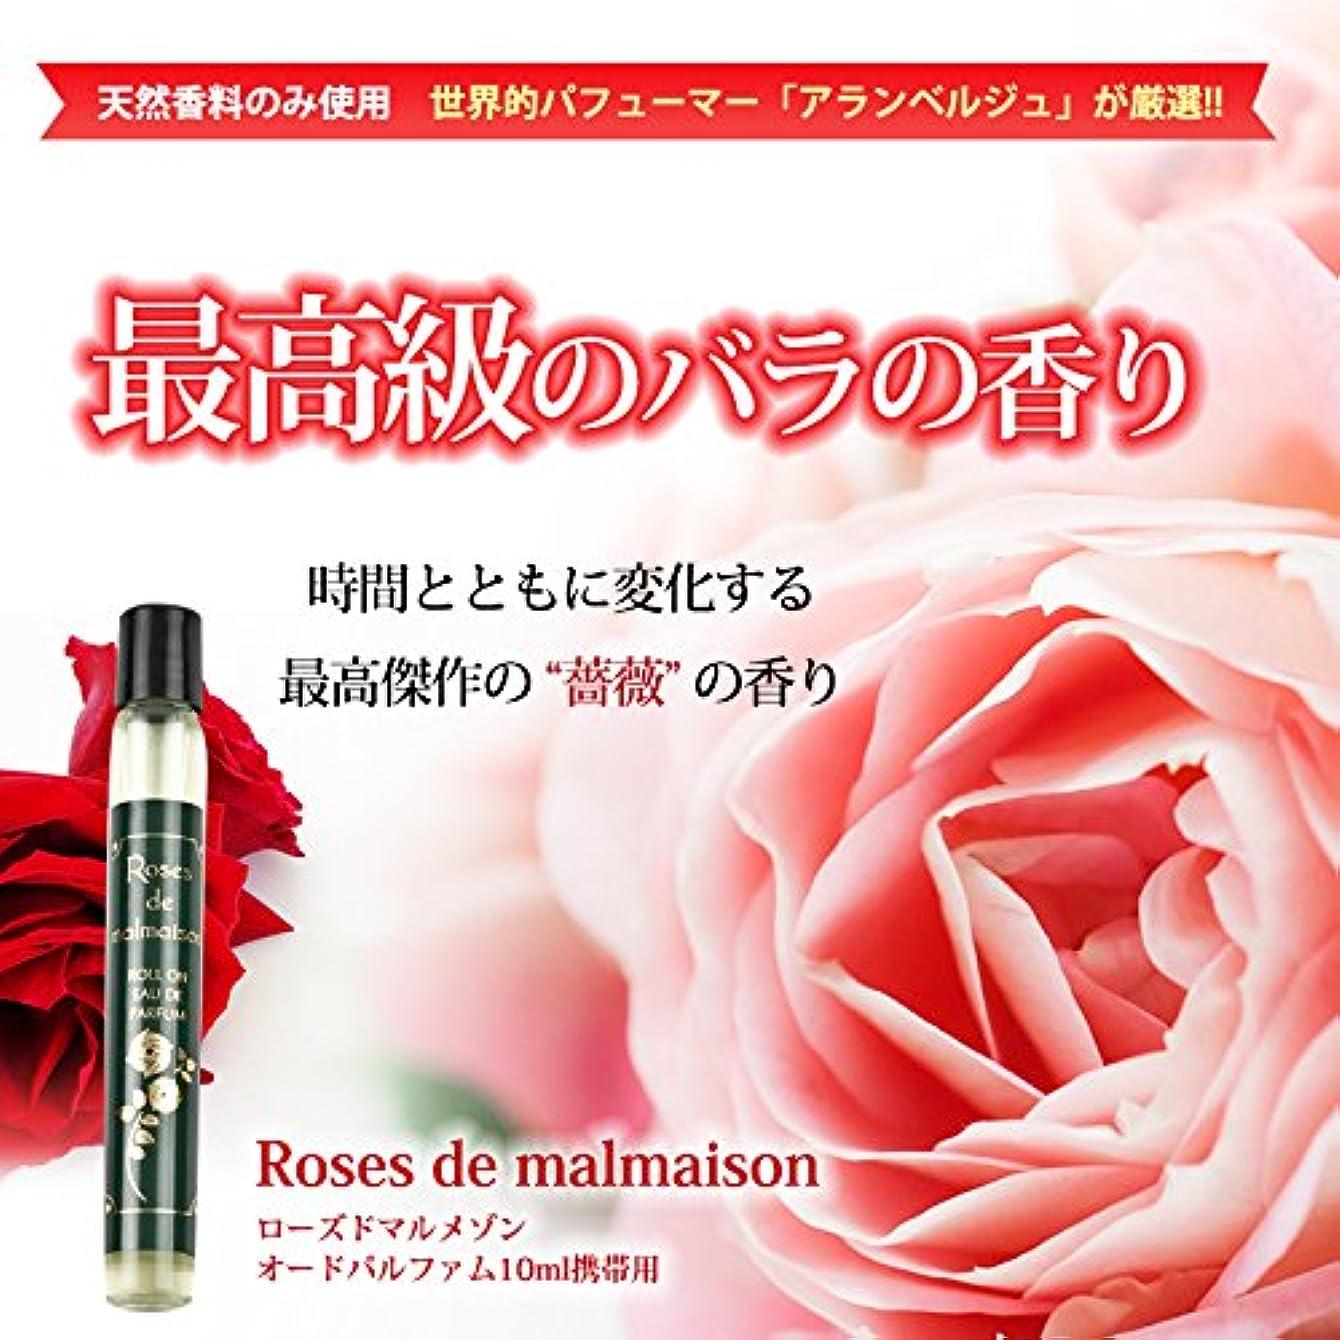 人間ペデスタルいつもローズドマルメゾン オードパルファム ロールオンタイプ バラの香りの香水 天然バラ 10ml 女性向けフレグランス